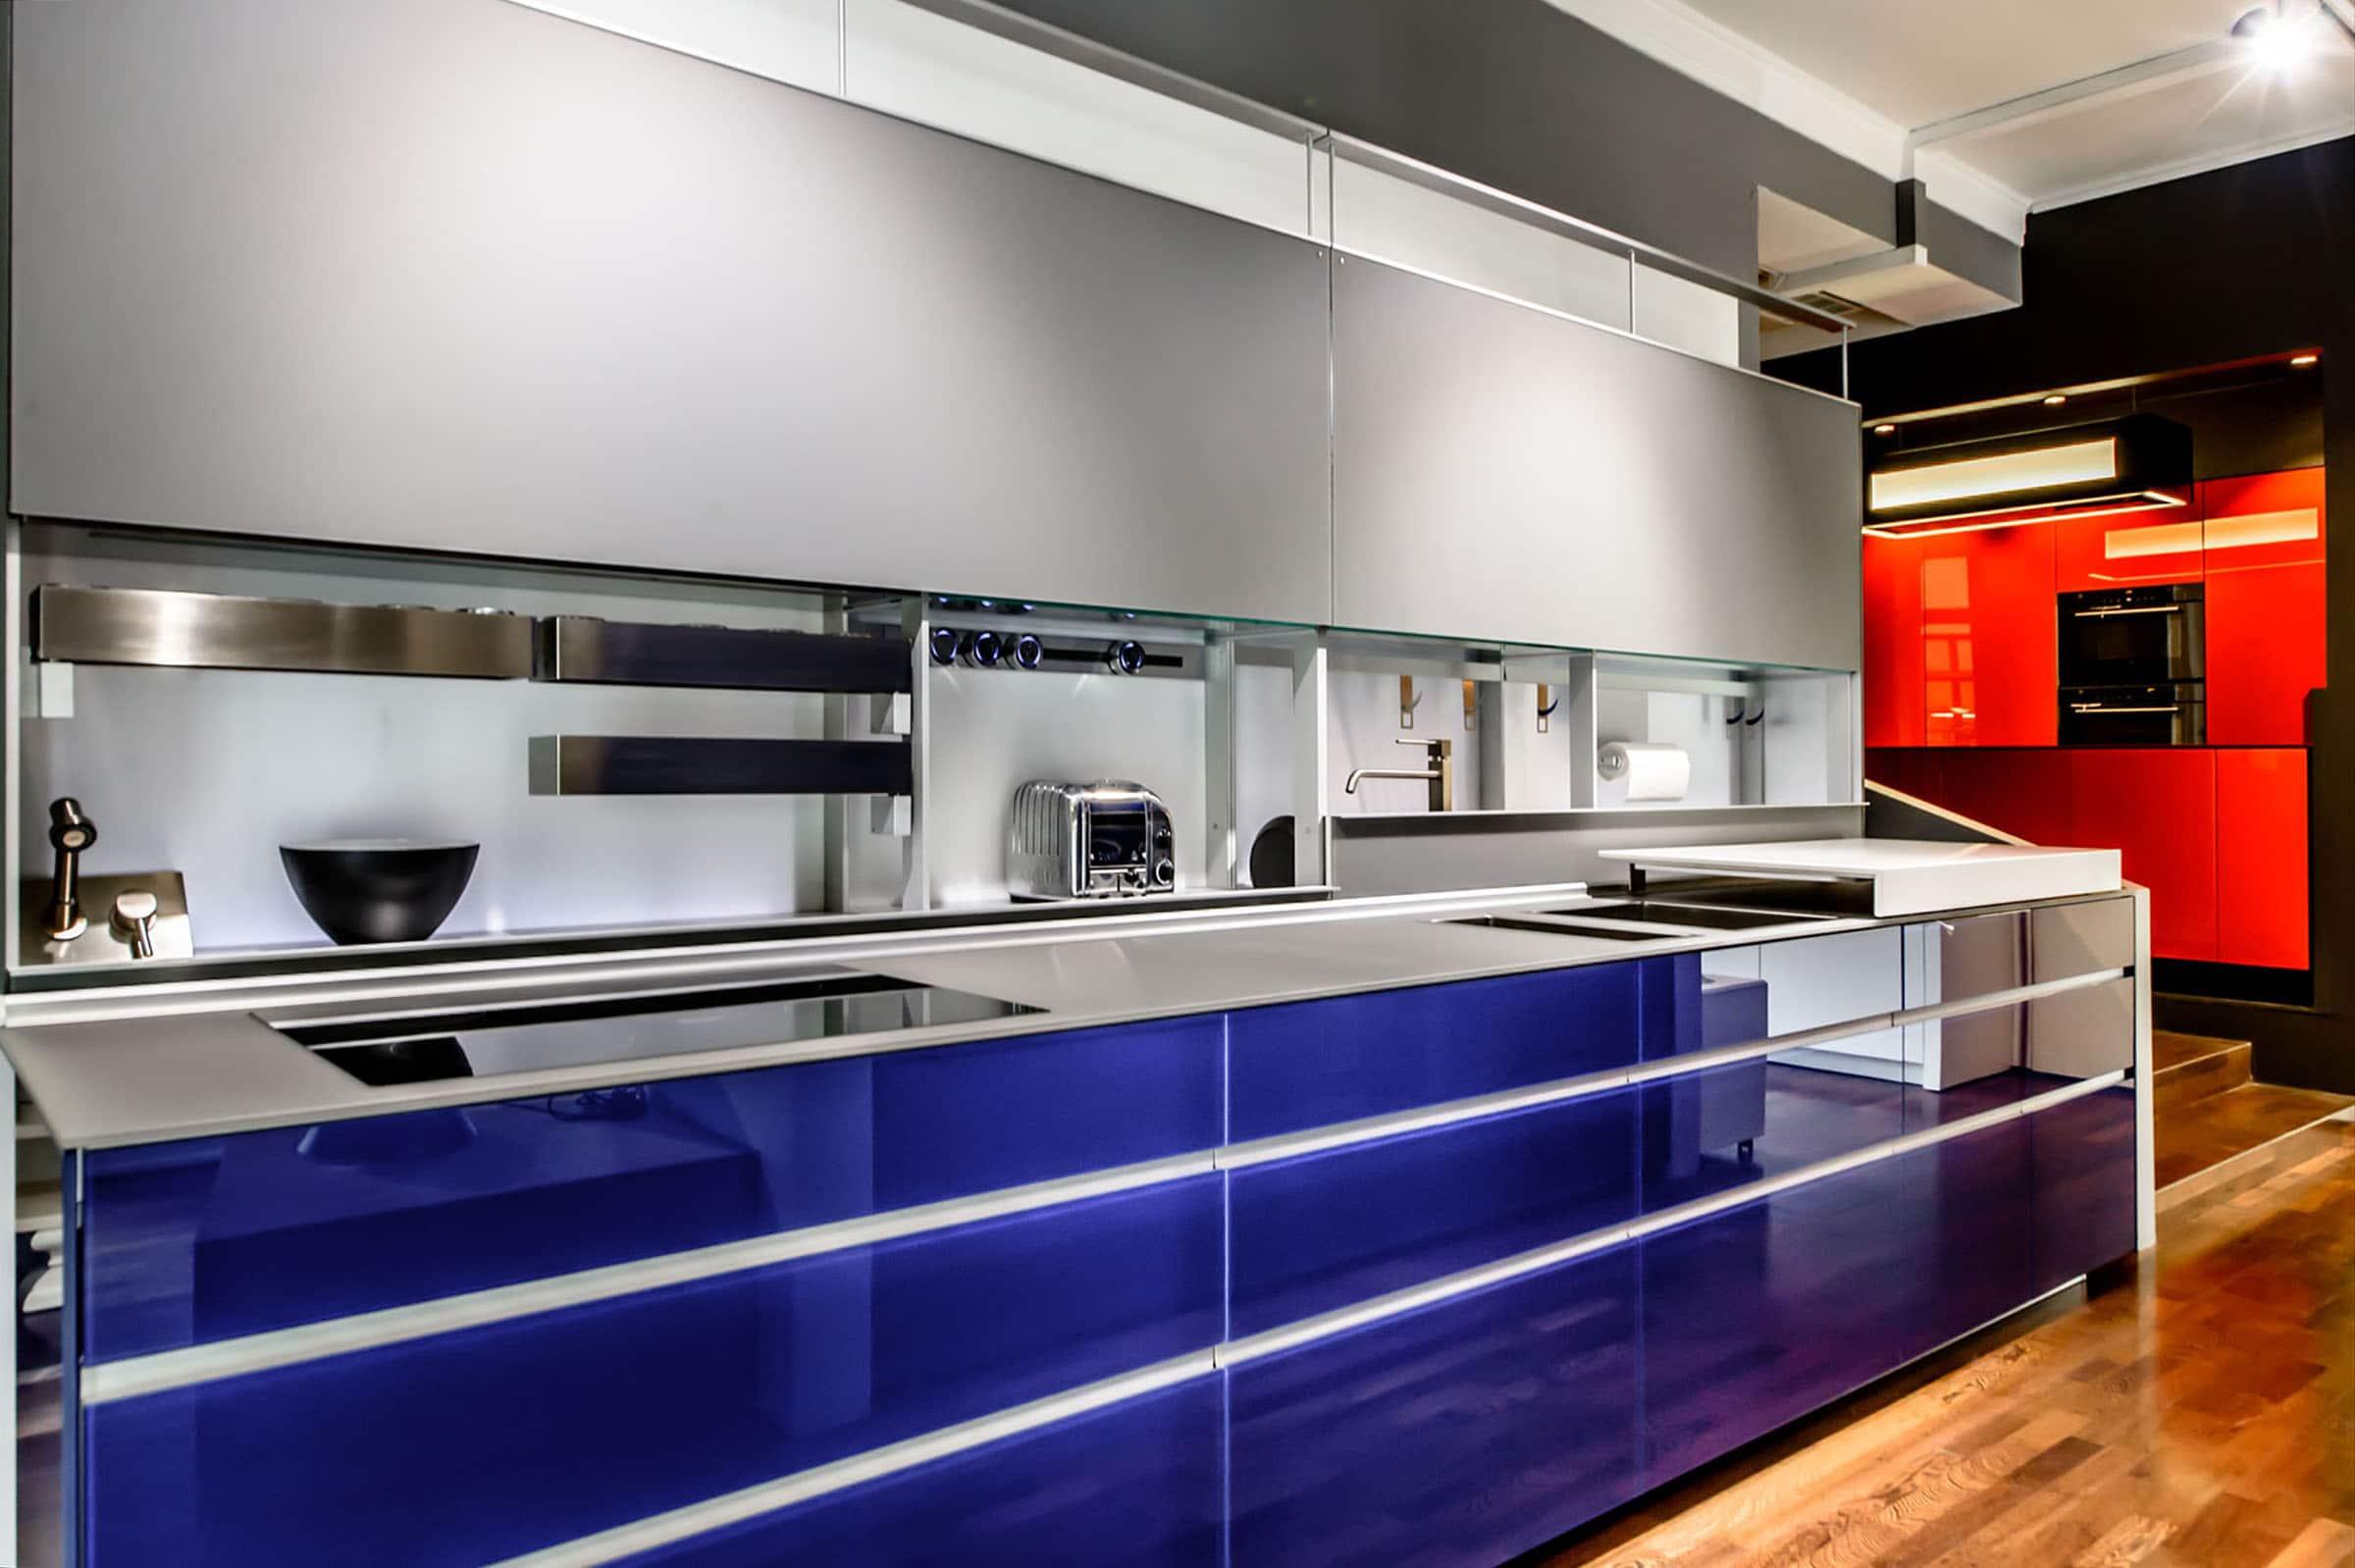 Abverkaufsküche Ludwig6 Valcucine Küchendesignmagazin Lassen Sie